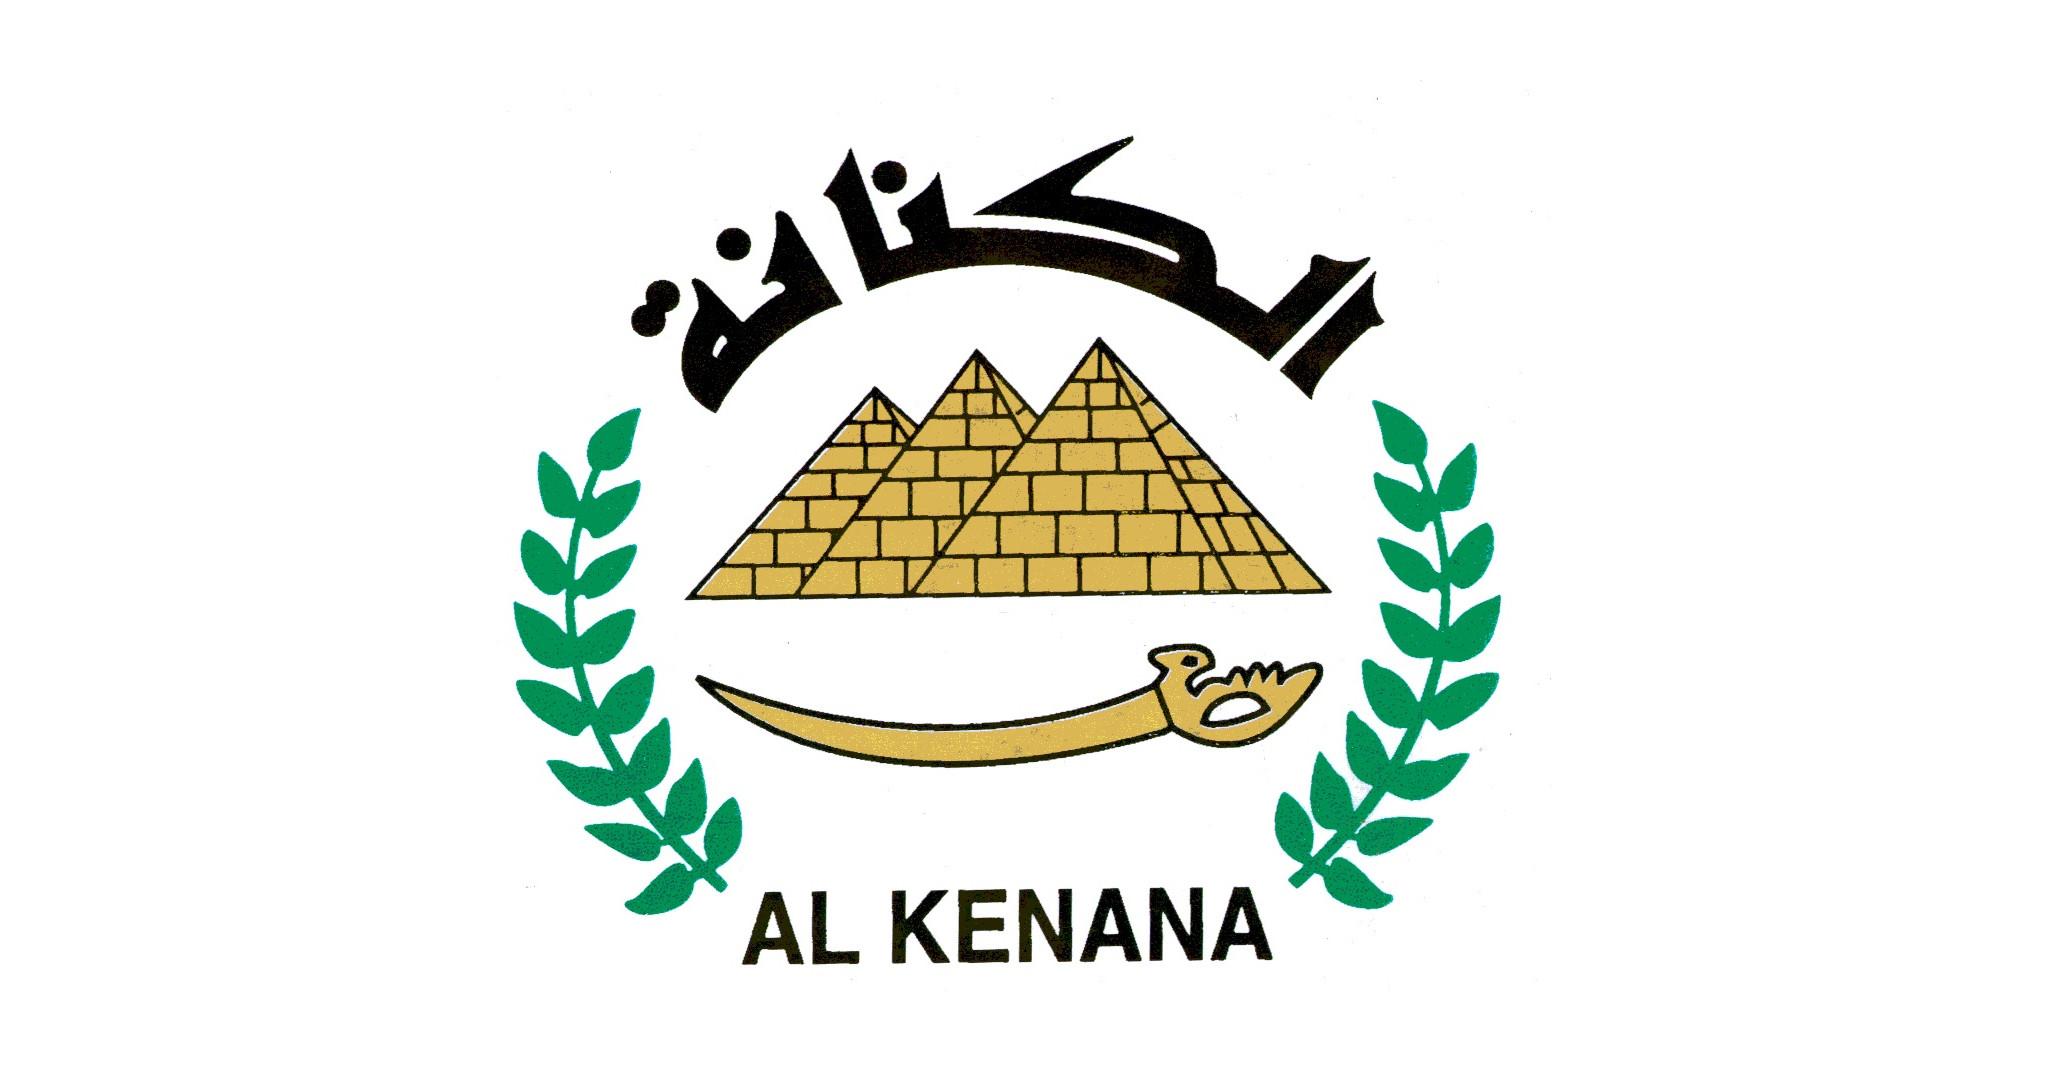 وظيفة أفراد أمن فى شركة الكنانة للأمن و الخدمات فى -السيدة زينب - القاهرة | فرصنا